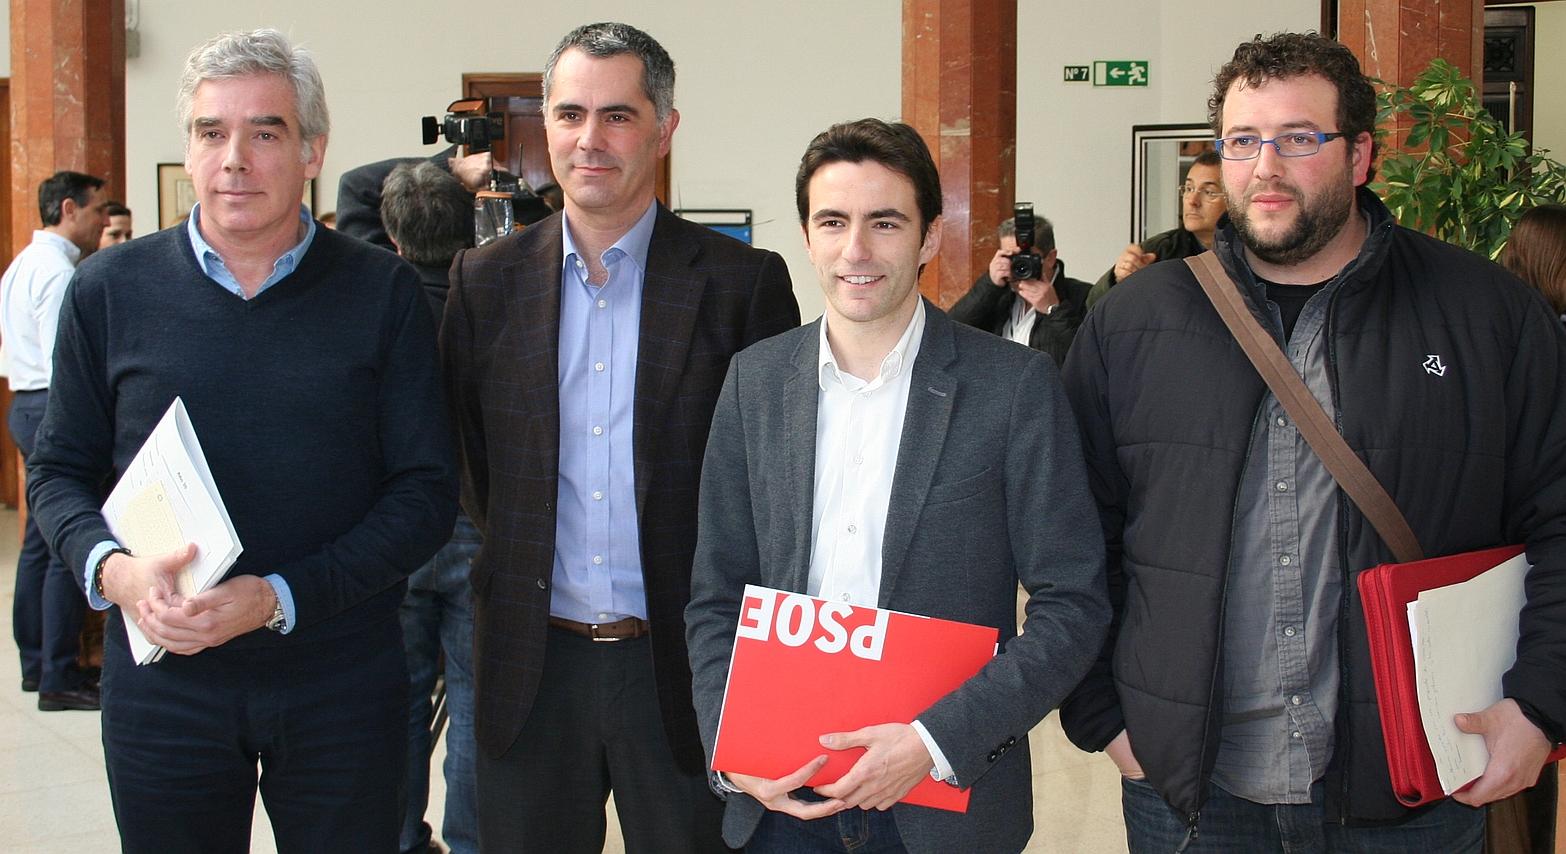 La oposición reclama el cese de César Díaz por su gestión del derrumbe del número 57 de la calle del Sol - Casares, Fuentes-Pila, Saro y Mantecón